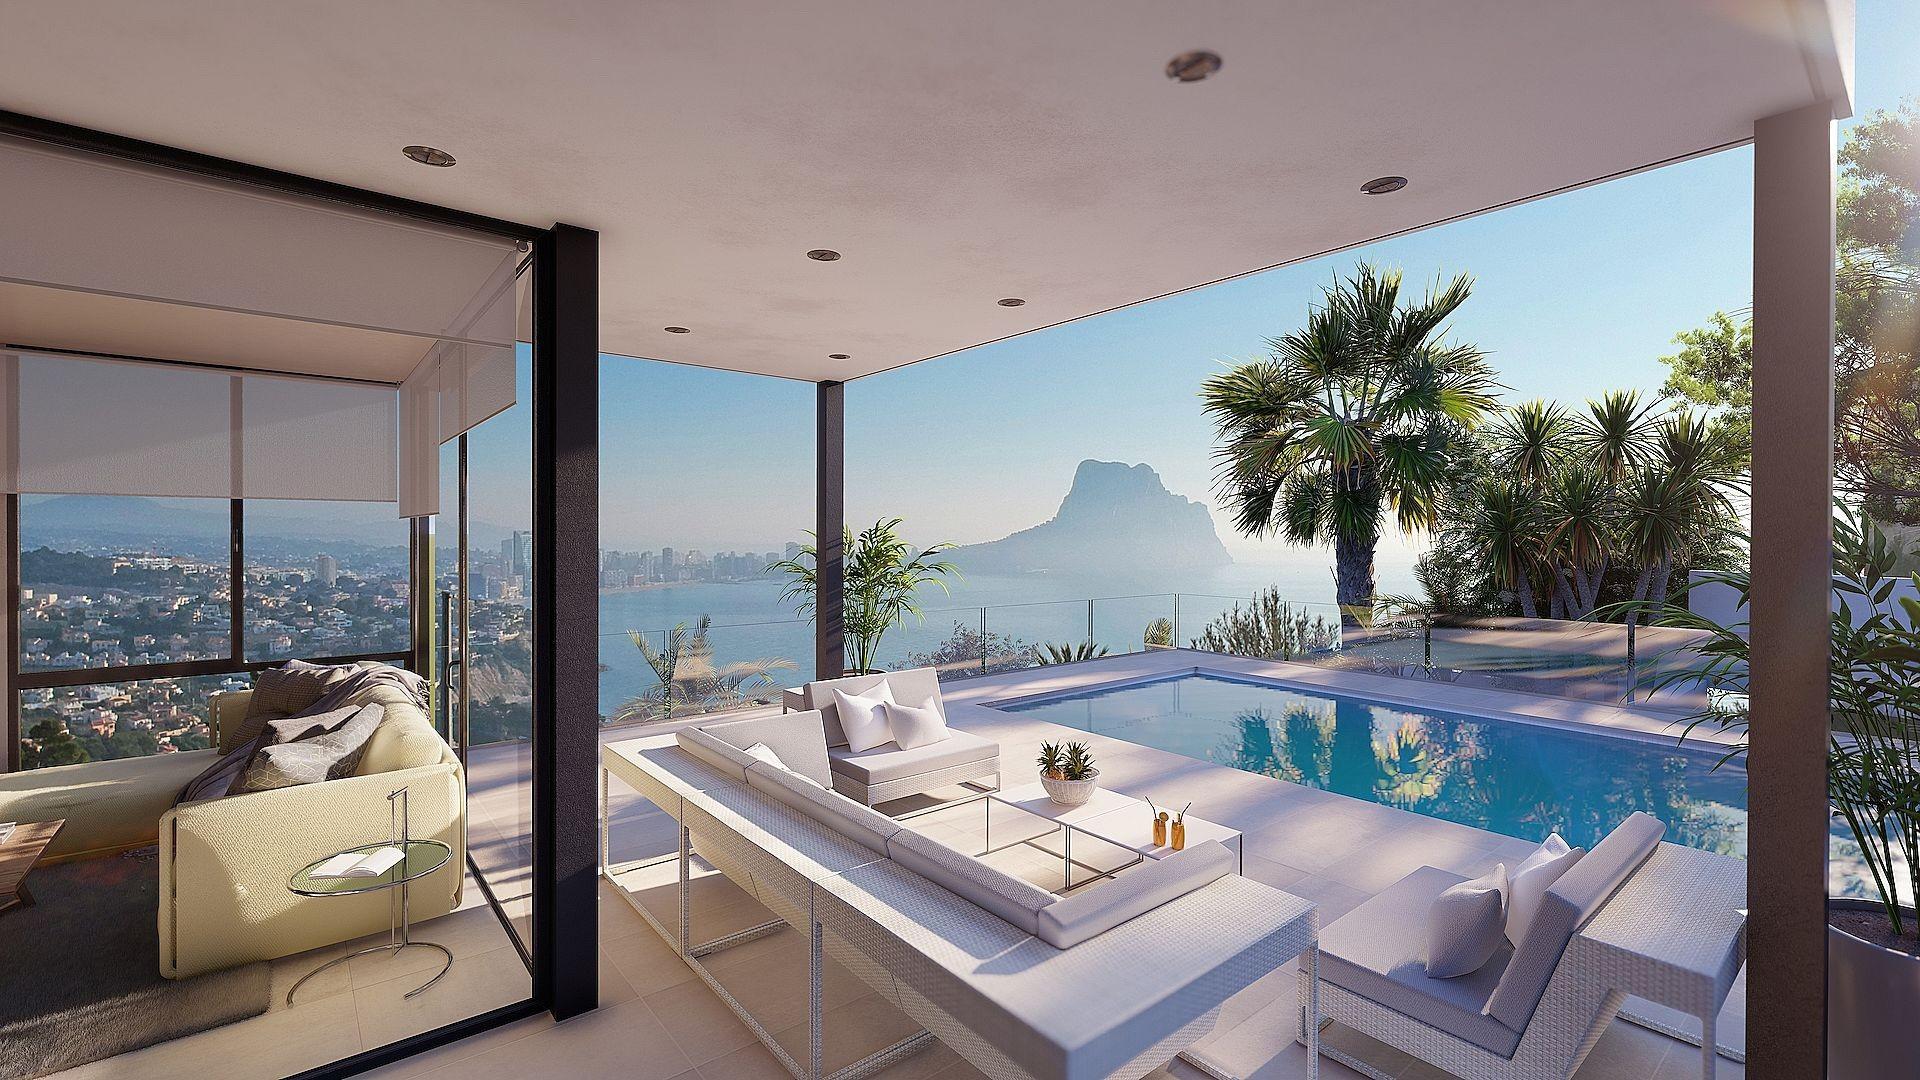 3 bedroom Villa in Calpe - Max Villas